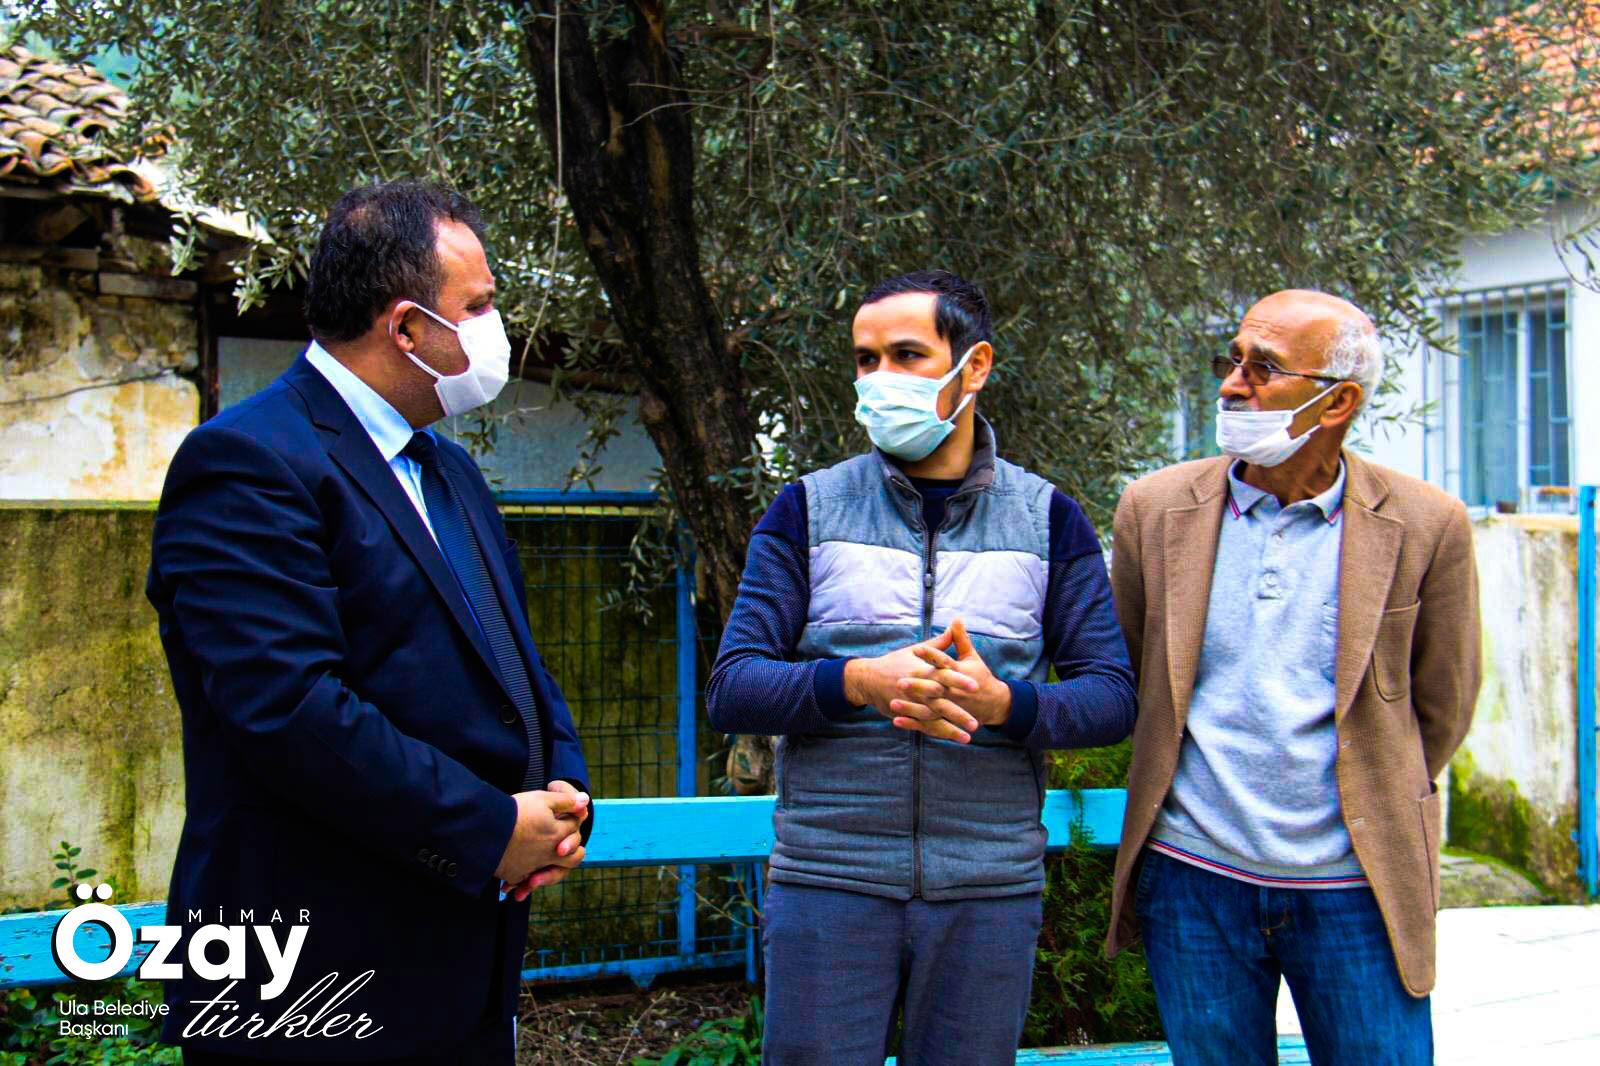 Belediye Başkanımız Sn. Mimar Özay Türkler Karabörtlen Ve Örnekköy Mahallelerimizde Esnaf Ve Hemşehrilerimizi Ziyaret Etti